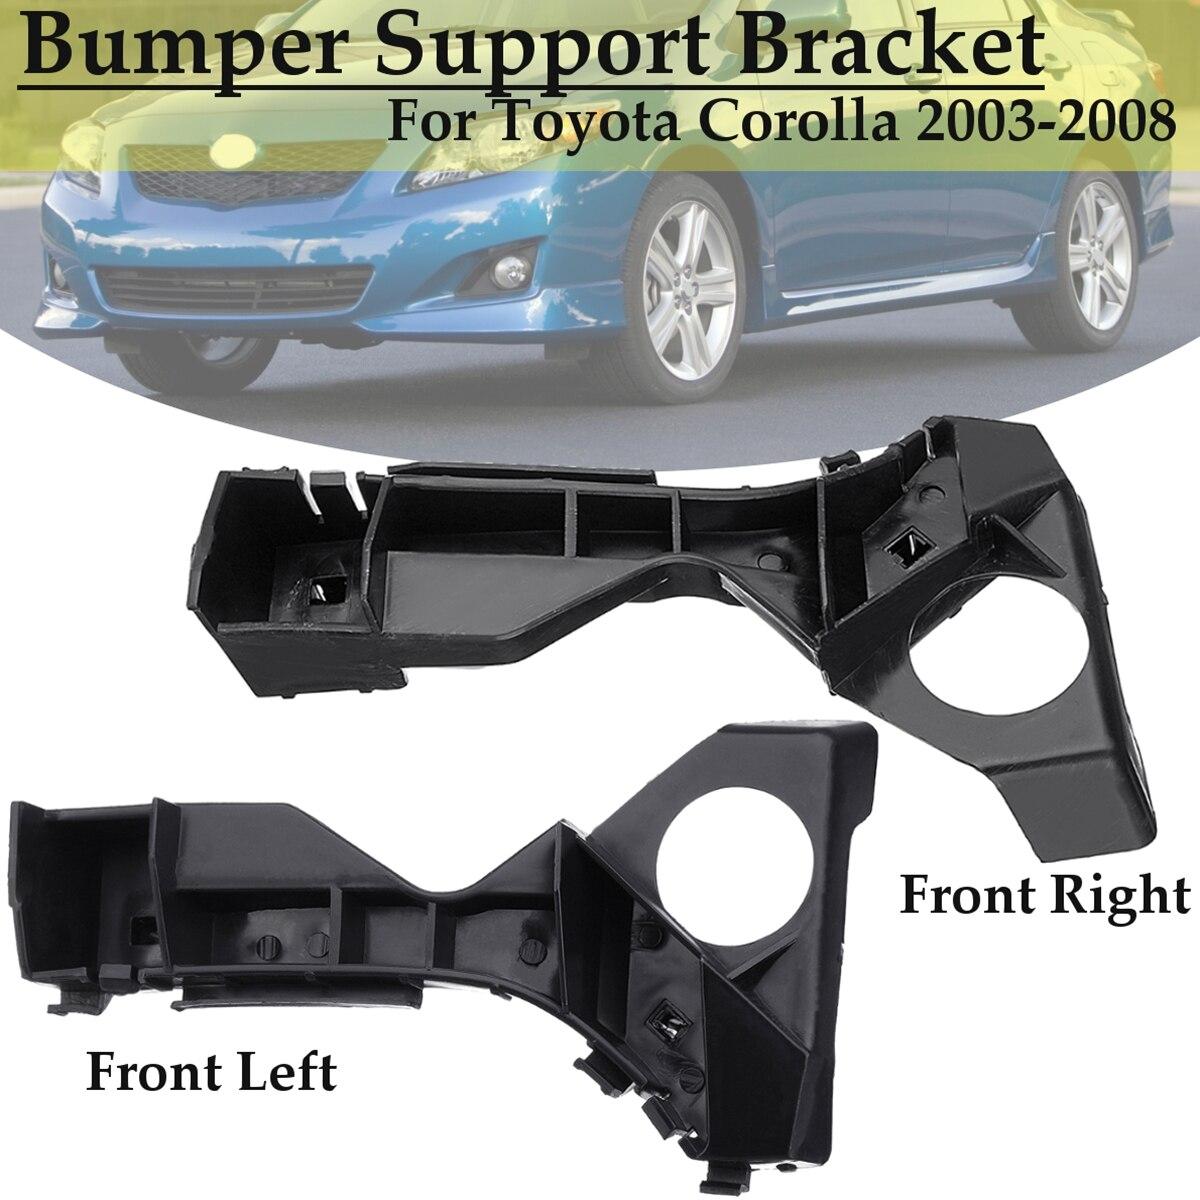 Voor Rechts Links Bumper Spacer Beugel Zwart Voor Toyota Corolla 2003 2004 2005 2006 2007 2008 5211602061 TO1066142